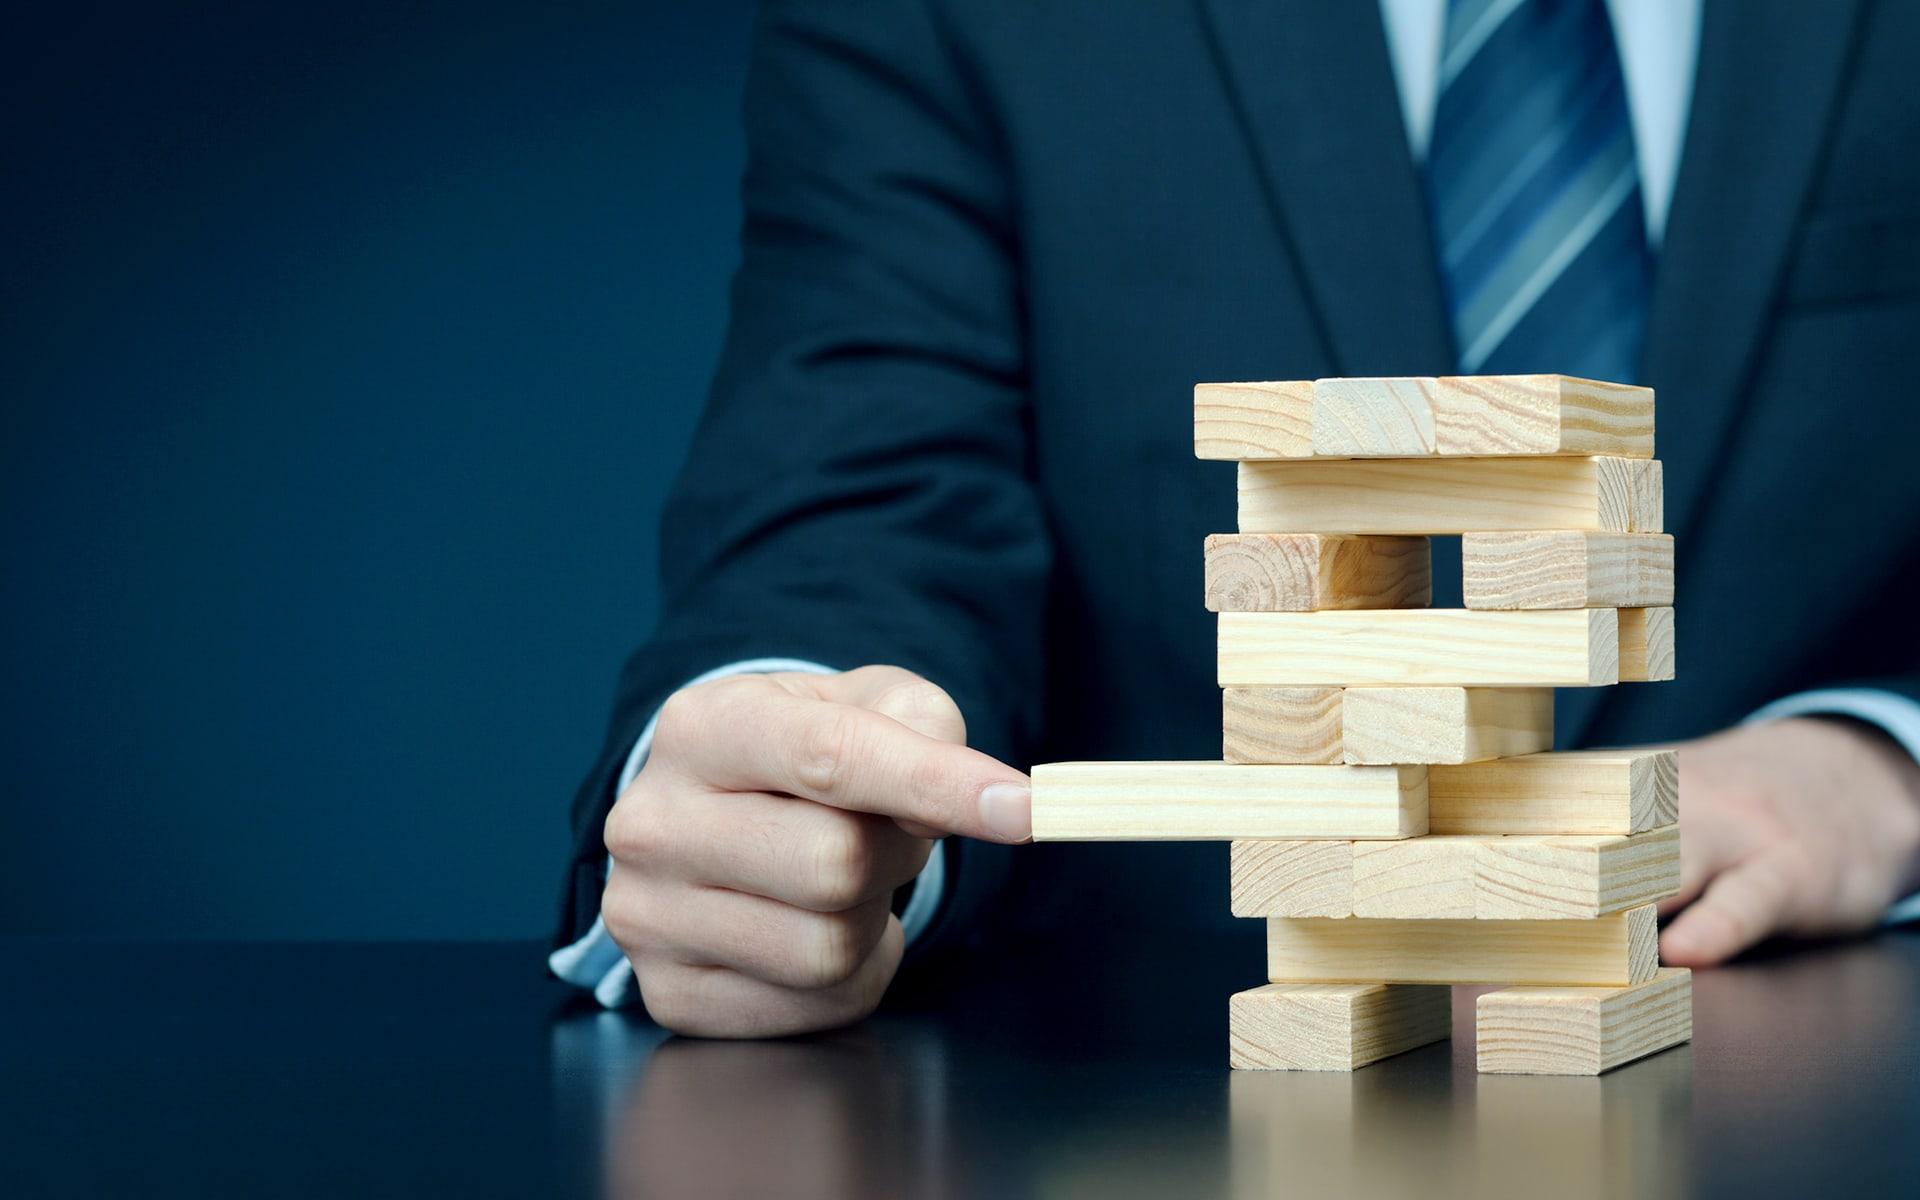 Risiko- und Kontrollmanagement - Abbildung eines Spiels bei dem man Risiko und Kontrolle benötigt